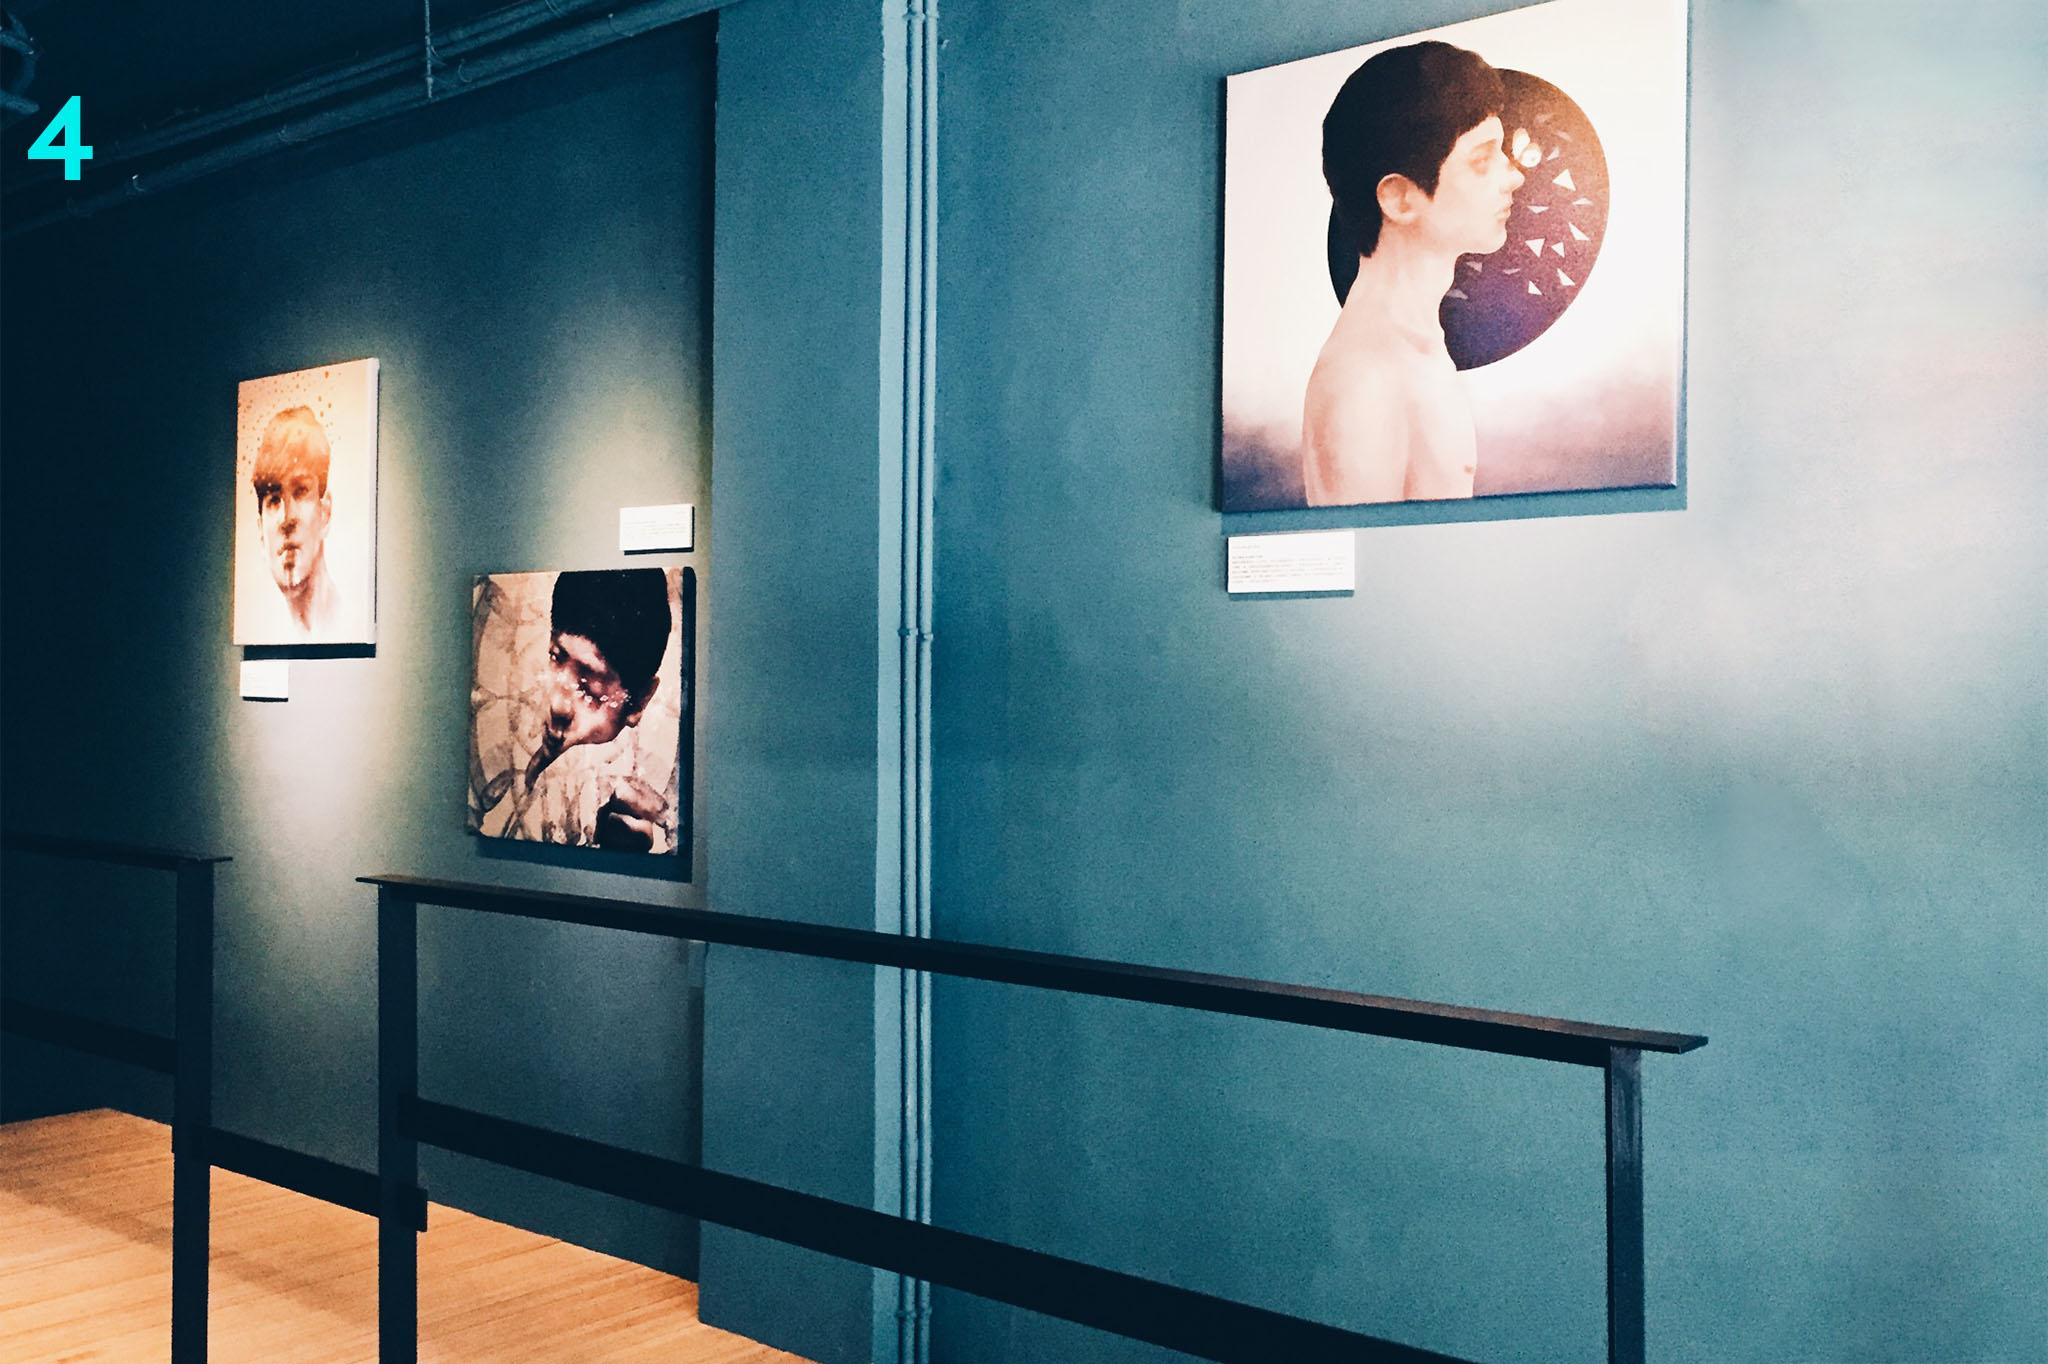 利用架高通道让艺廊成为主角,赏画与喝咖啡的客人不会彼此影响。